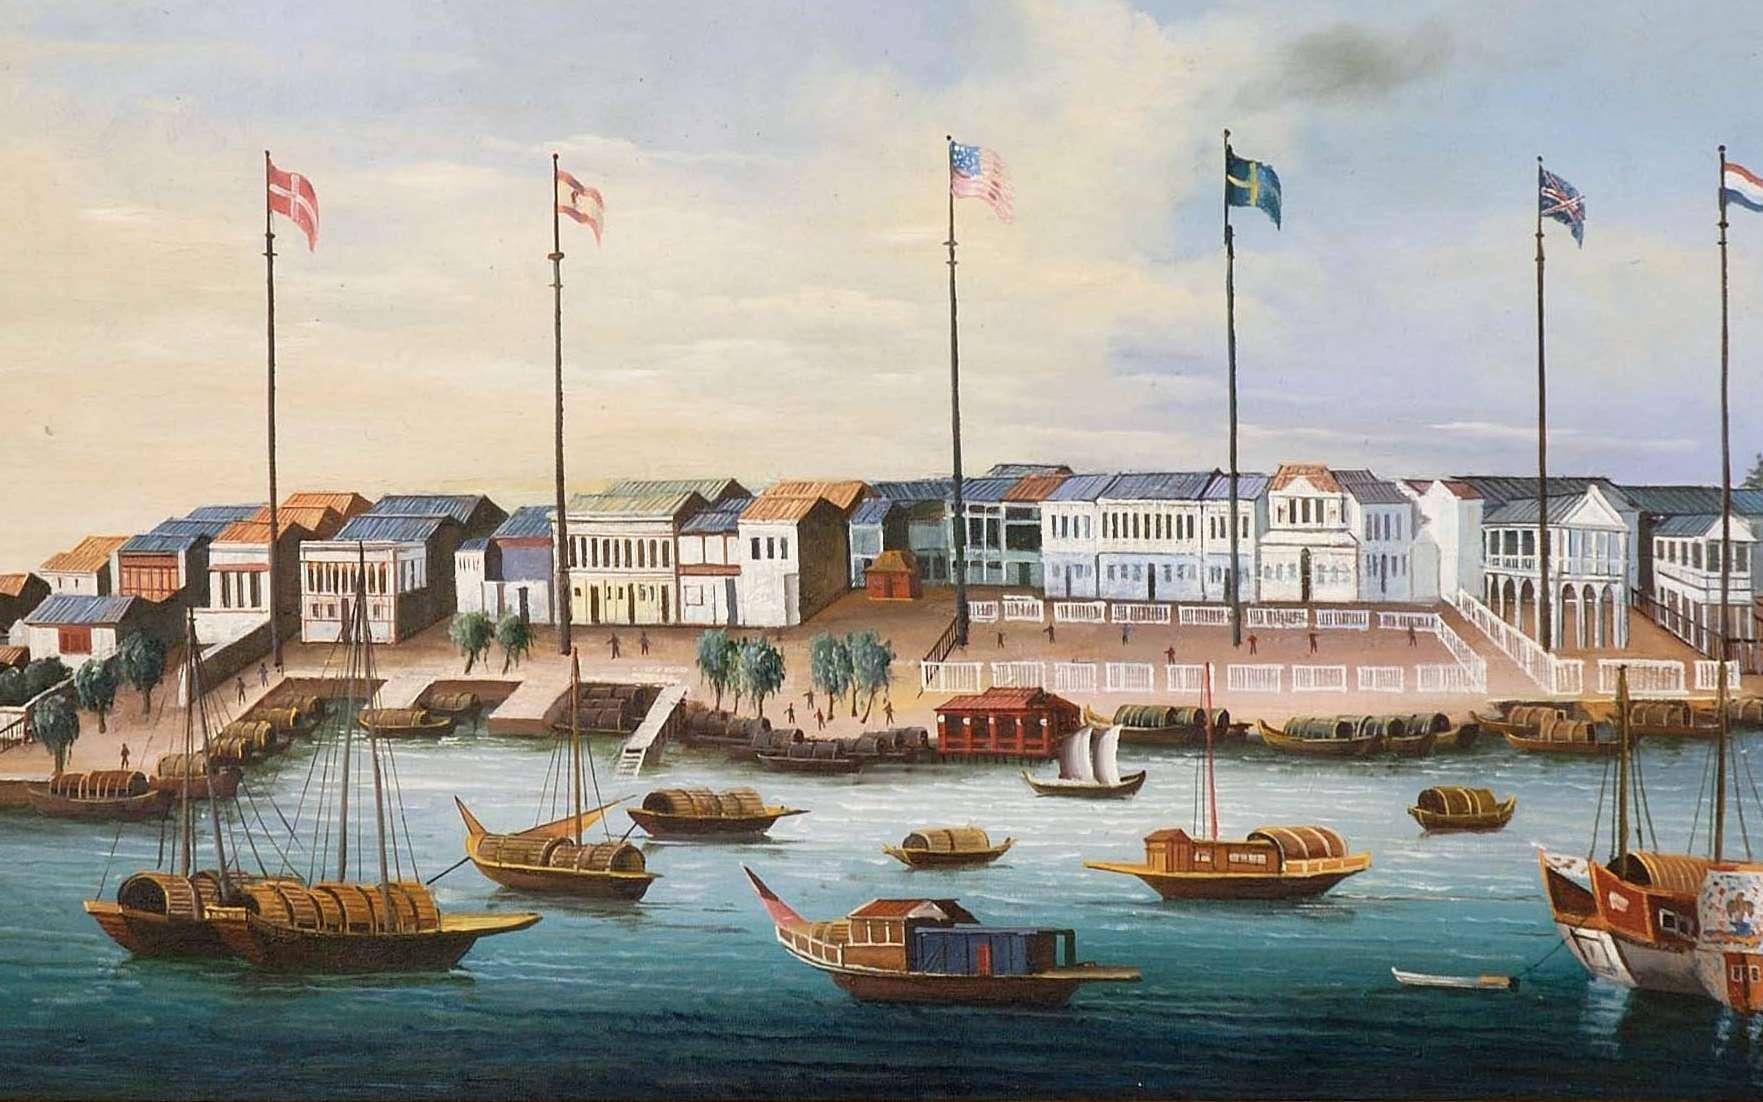 « Les treize factoreries de Canton », copie de 1820 d'après un tableau de 1780, auteur inconnu. Une factorerie est un comptoir de commerce colonial. © Richard Rothstein, Wikimedia Commons, domaine public.